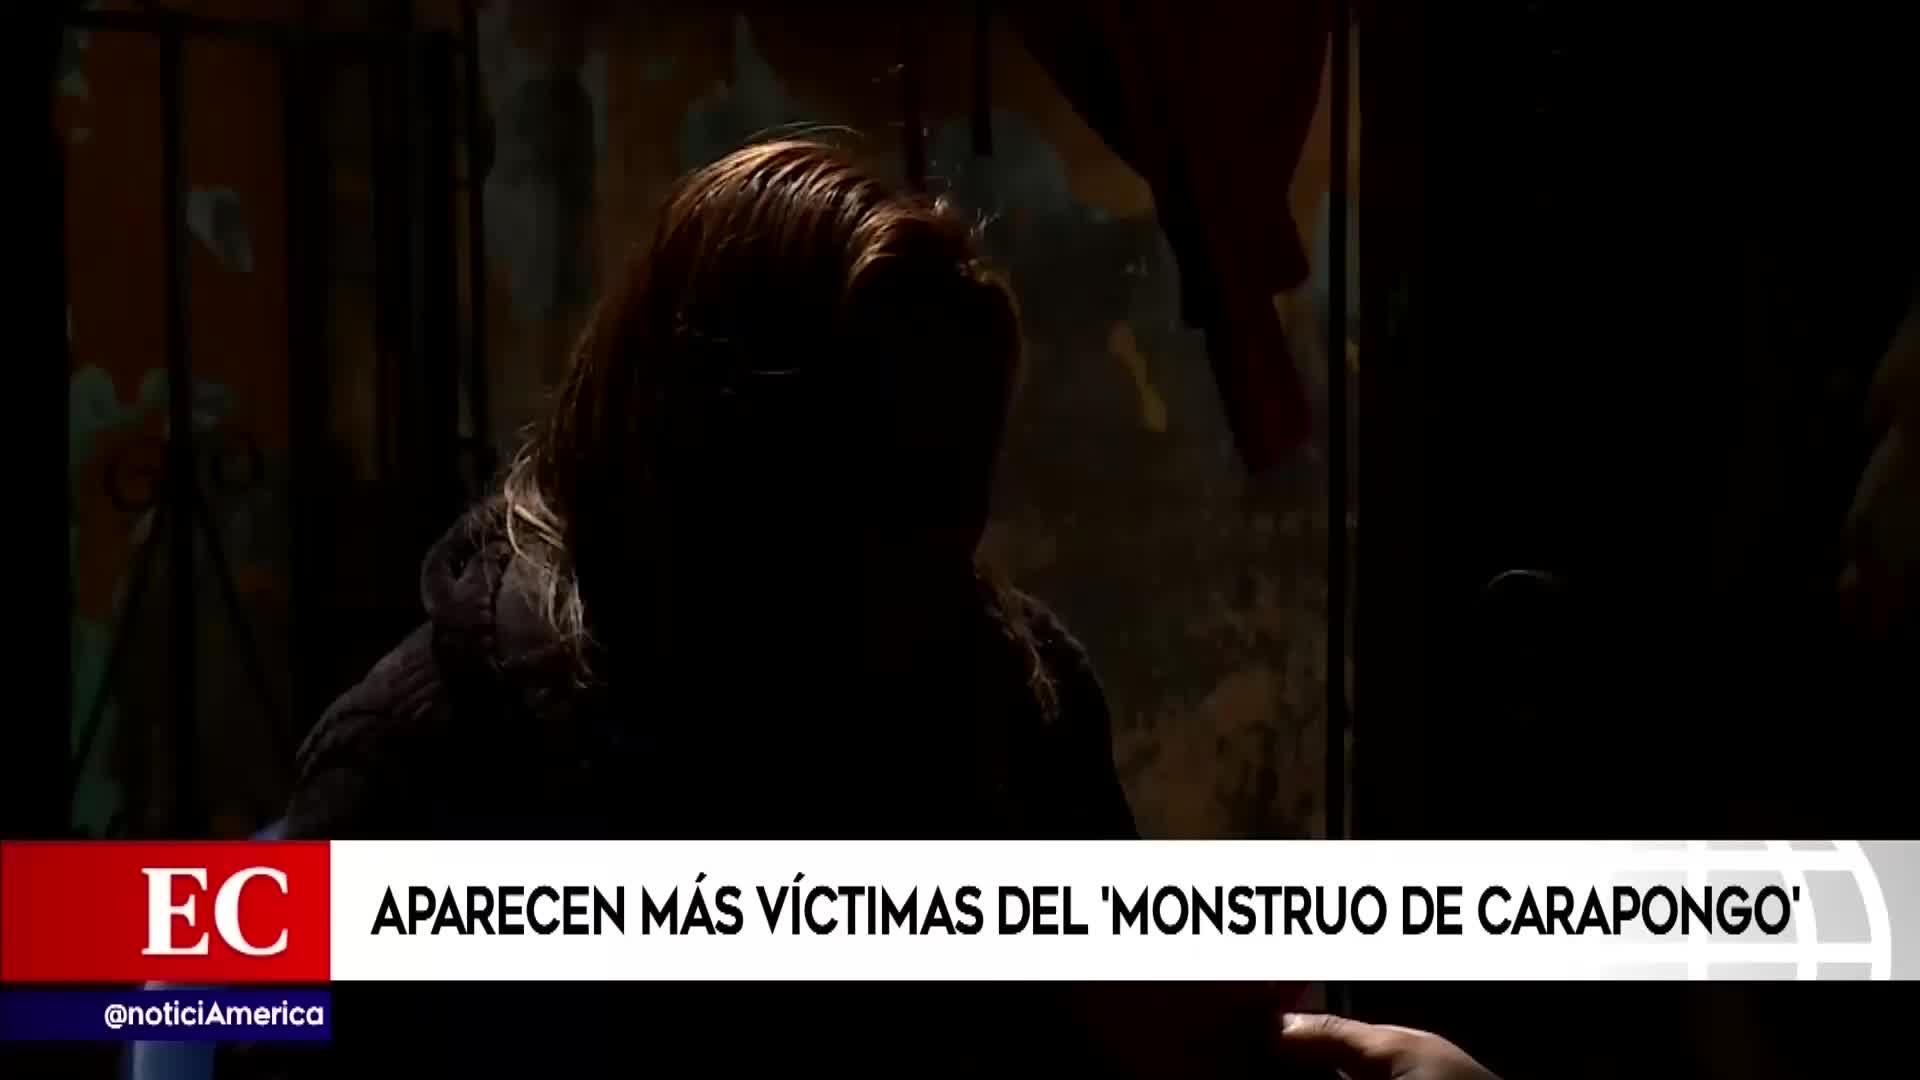 Nuevas víctimas denuncian a 'Monstruo de Carapongo'